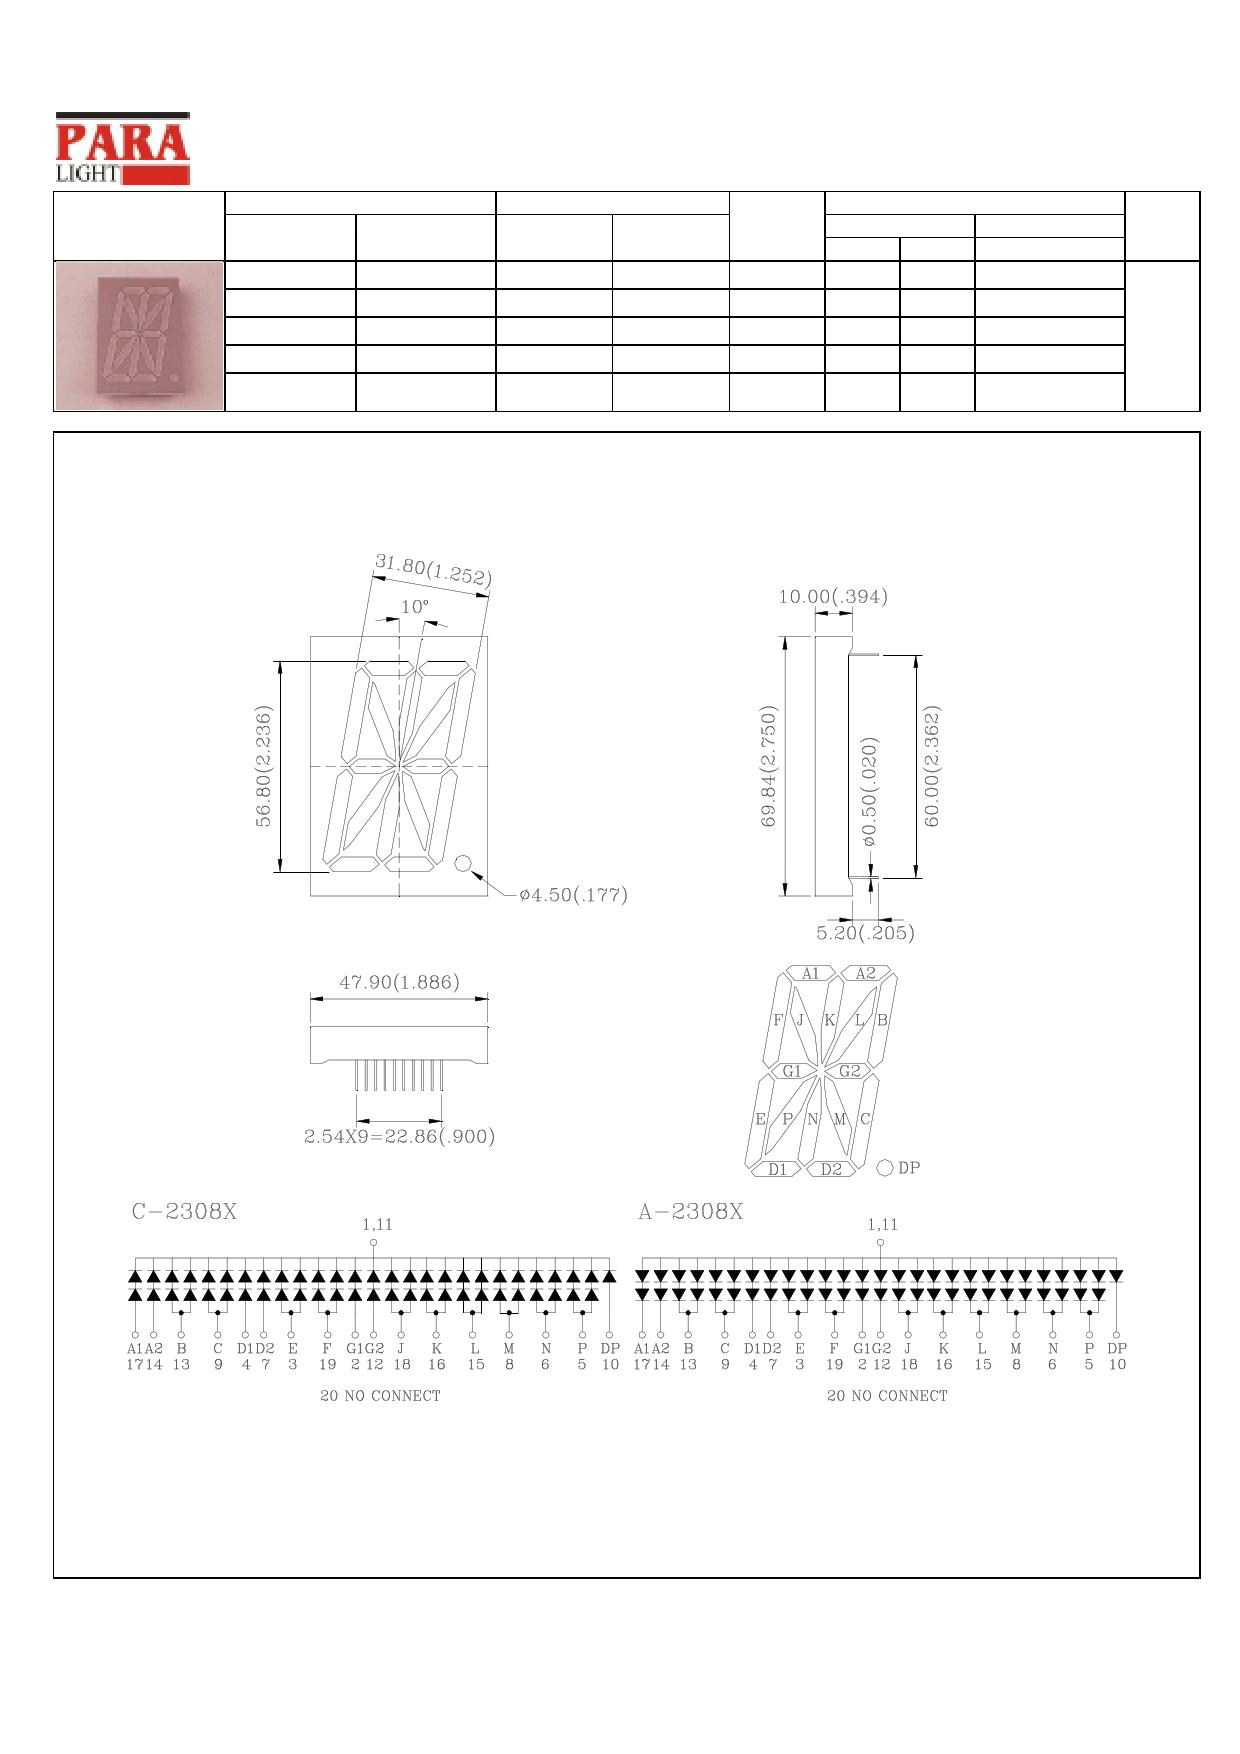 C-2308Y datasheet